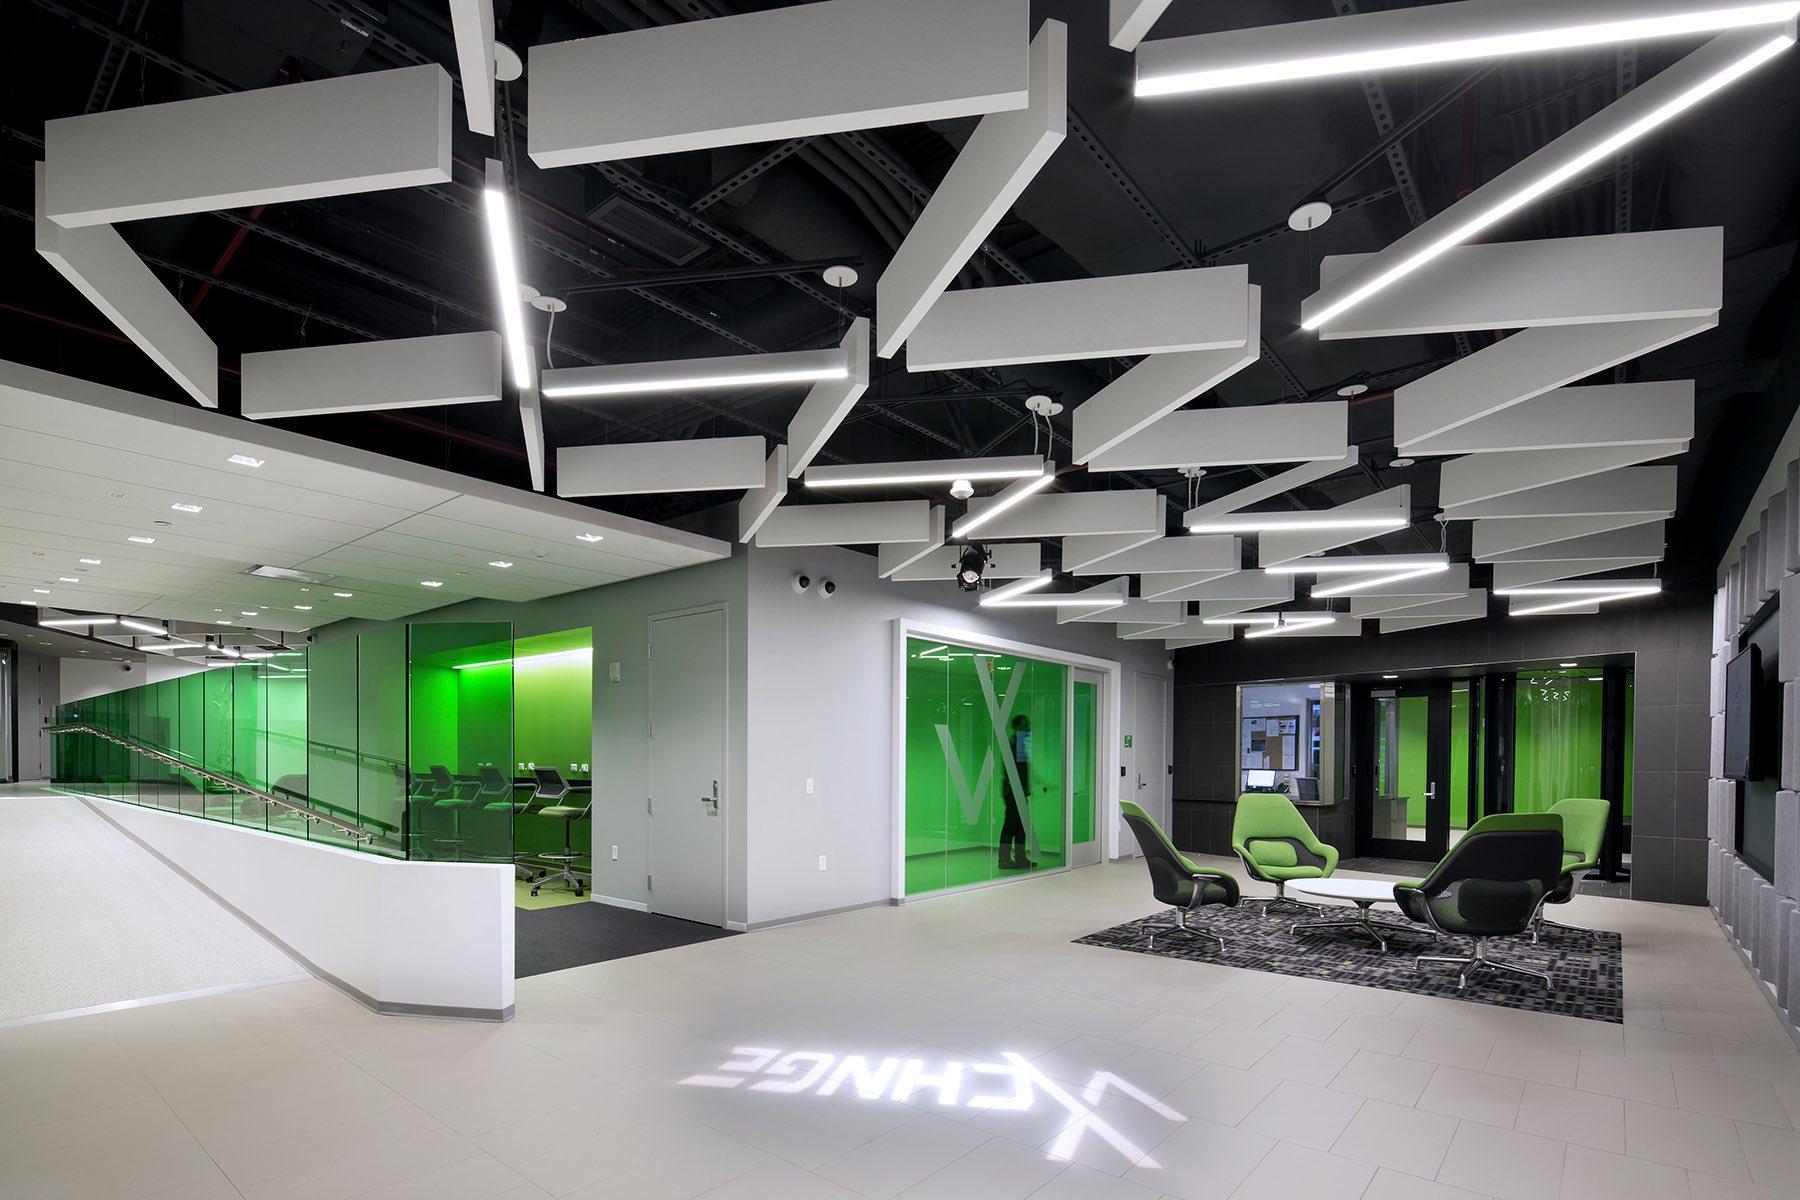 vxchnge-office-5